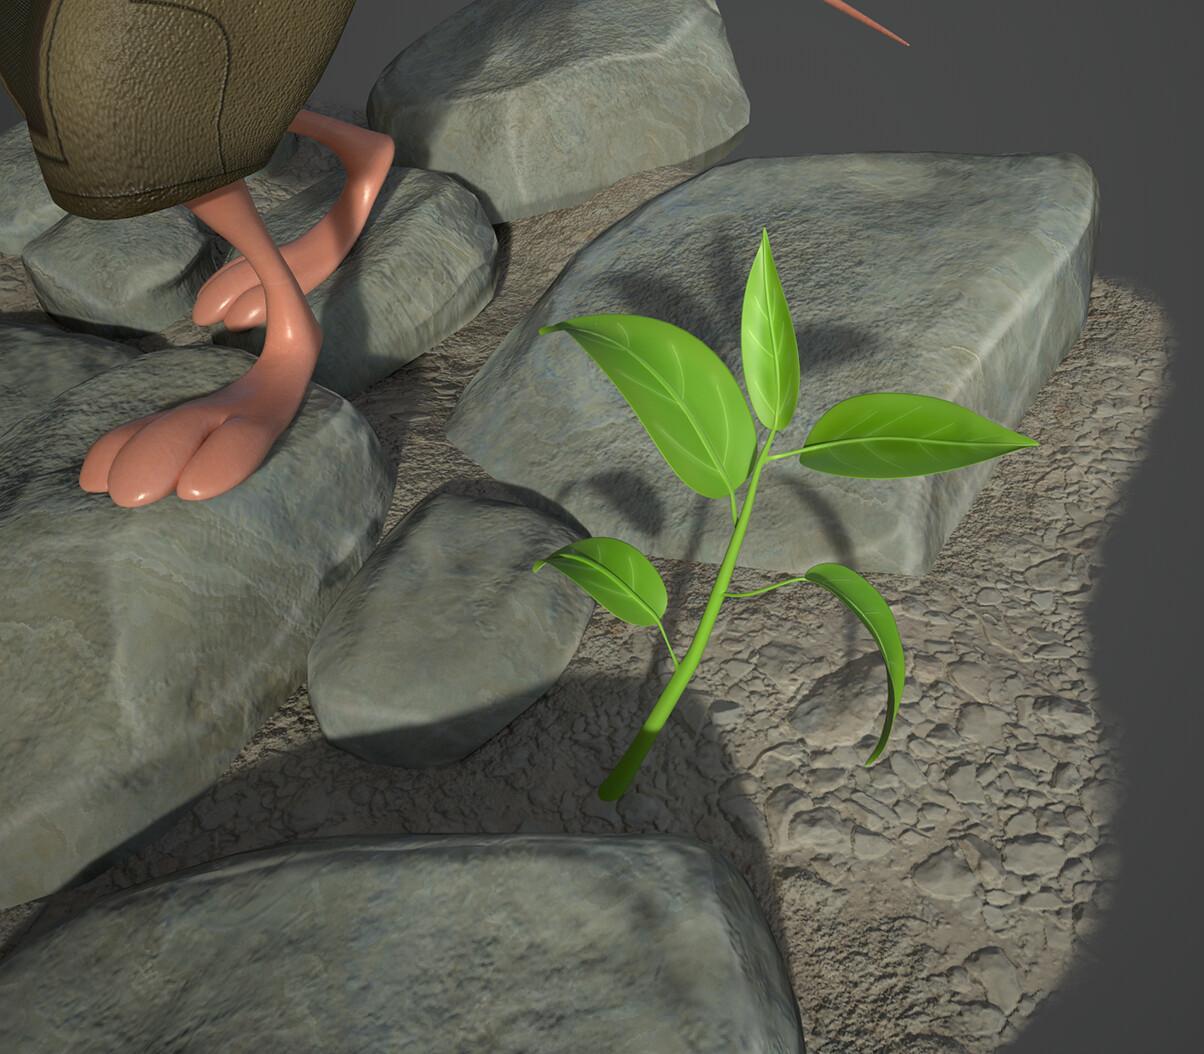 Paul lembcke plant closeup